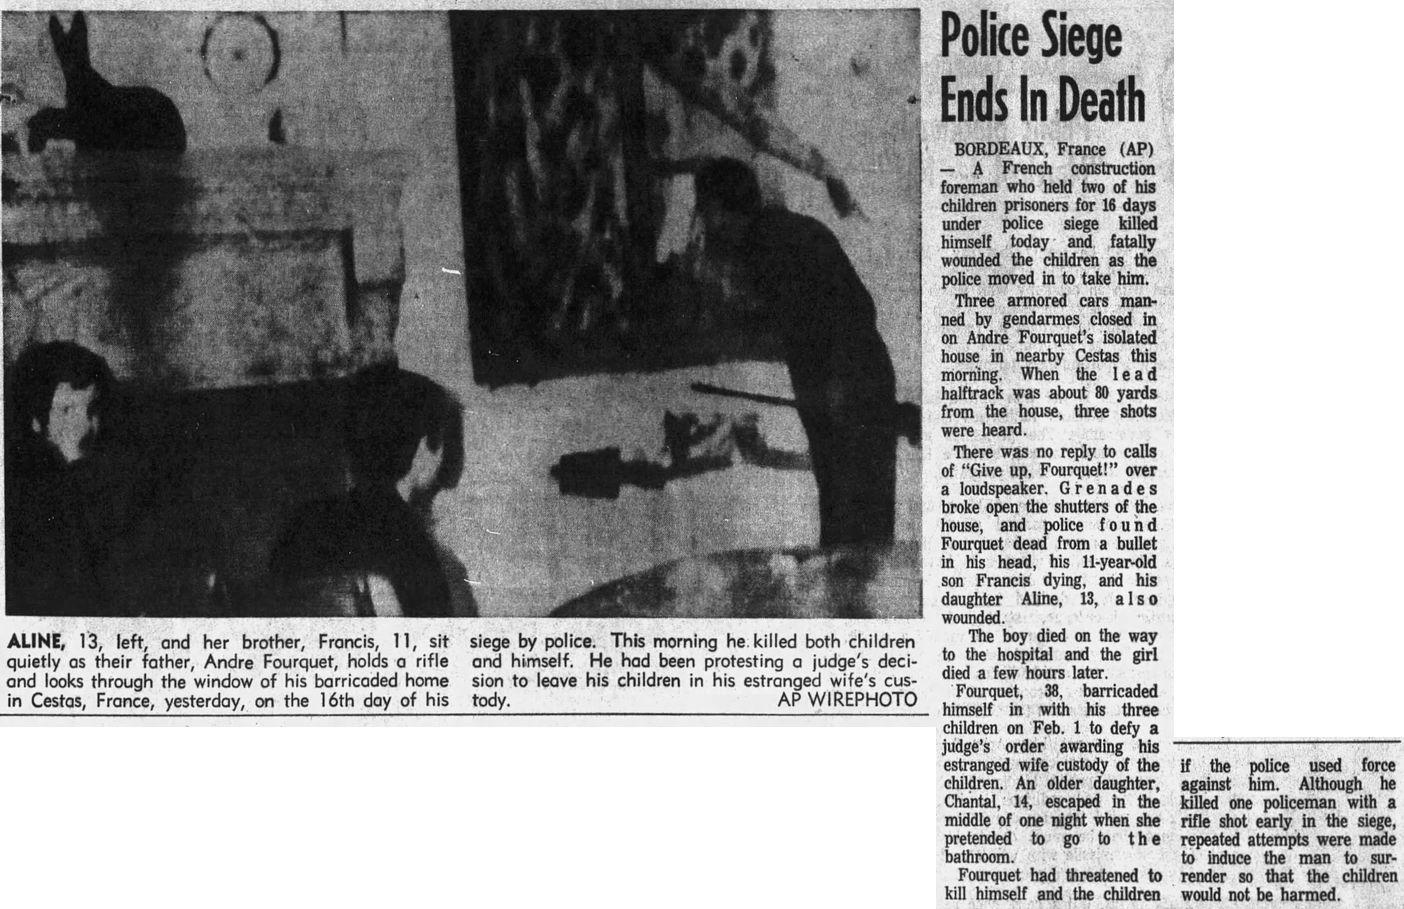 Corvallis Gazette-Times, vol. 61, nº 245, 17/02/1969, p. 3